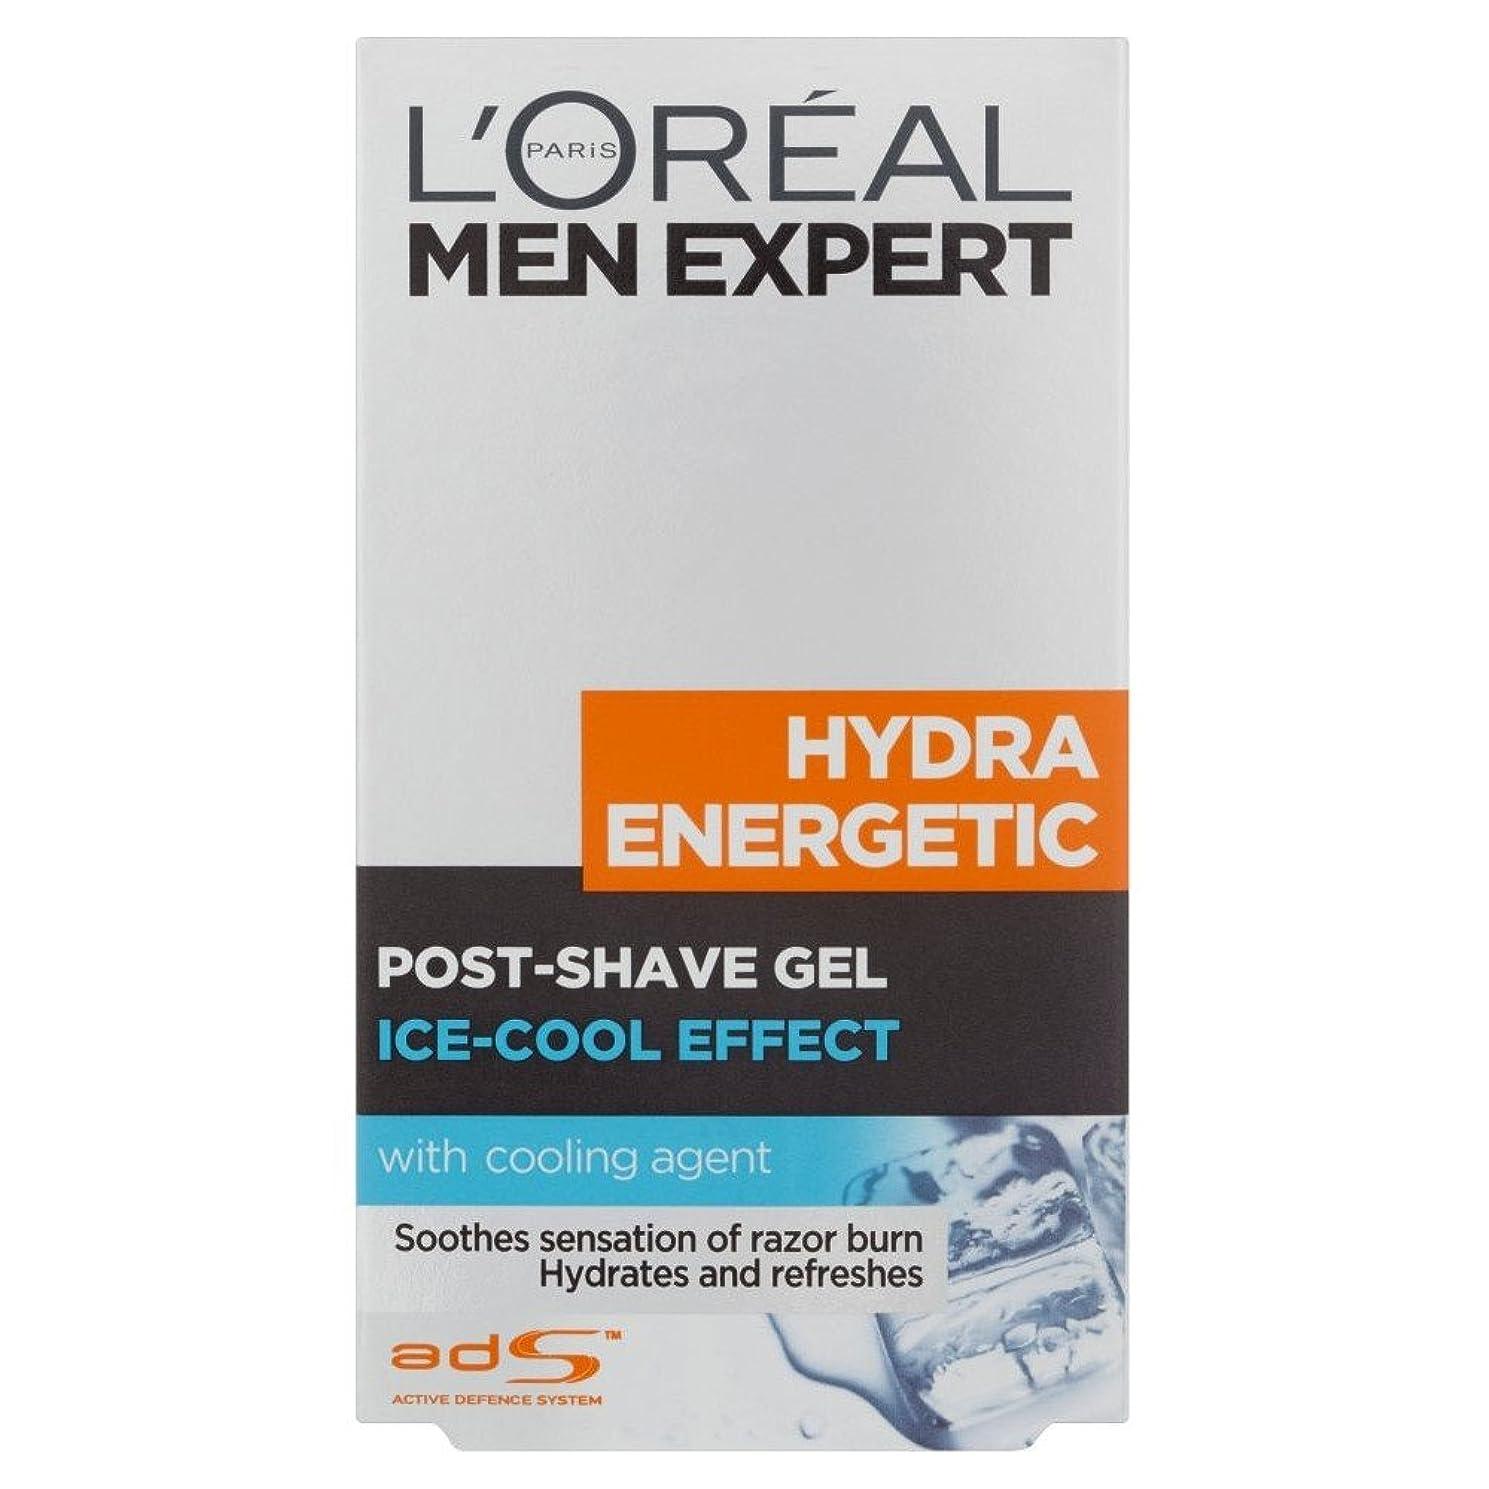 乱暴な熱心家庭教師L'Oreal Paris Men Expert Hydra Energetic Post Shave Balm (100ml) L'オラ?アルパリのメンズ専門ヒドラエネルギッシュなポストシェーブバーム( 100ミリリットル) [並行輸入品]